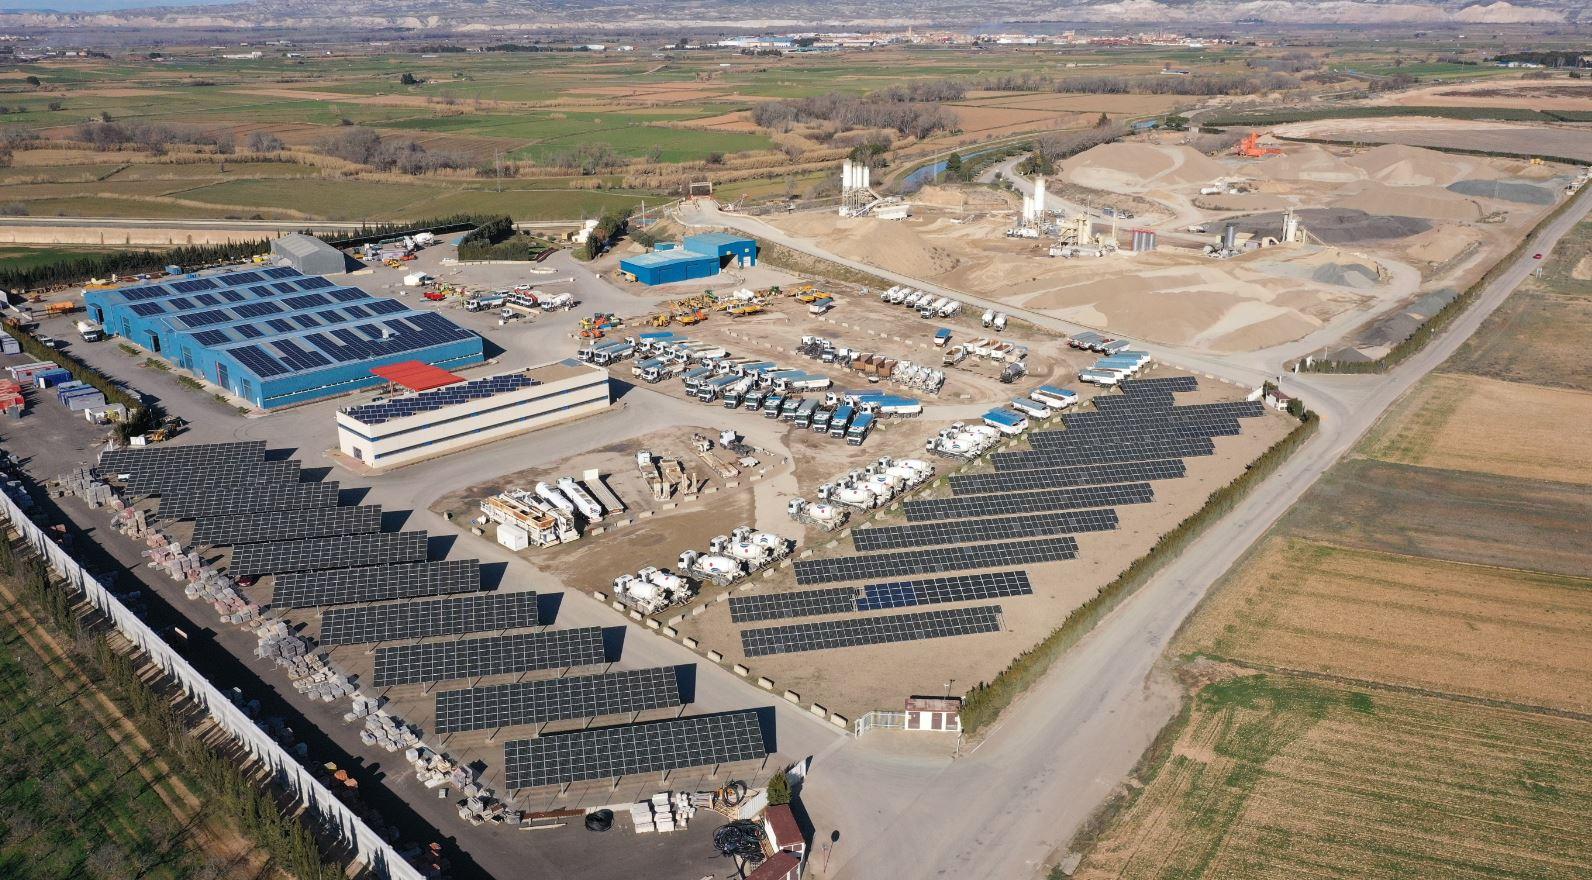 Vista aérea Centro de Producción. Bárboles (Zaragoza)